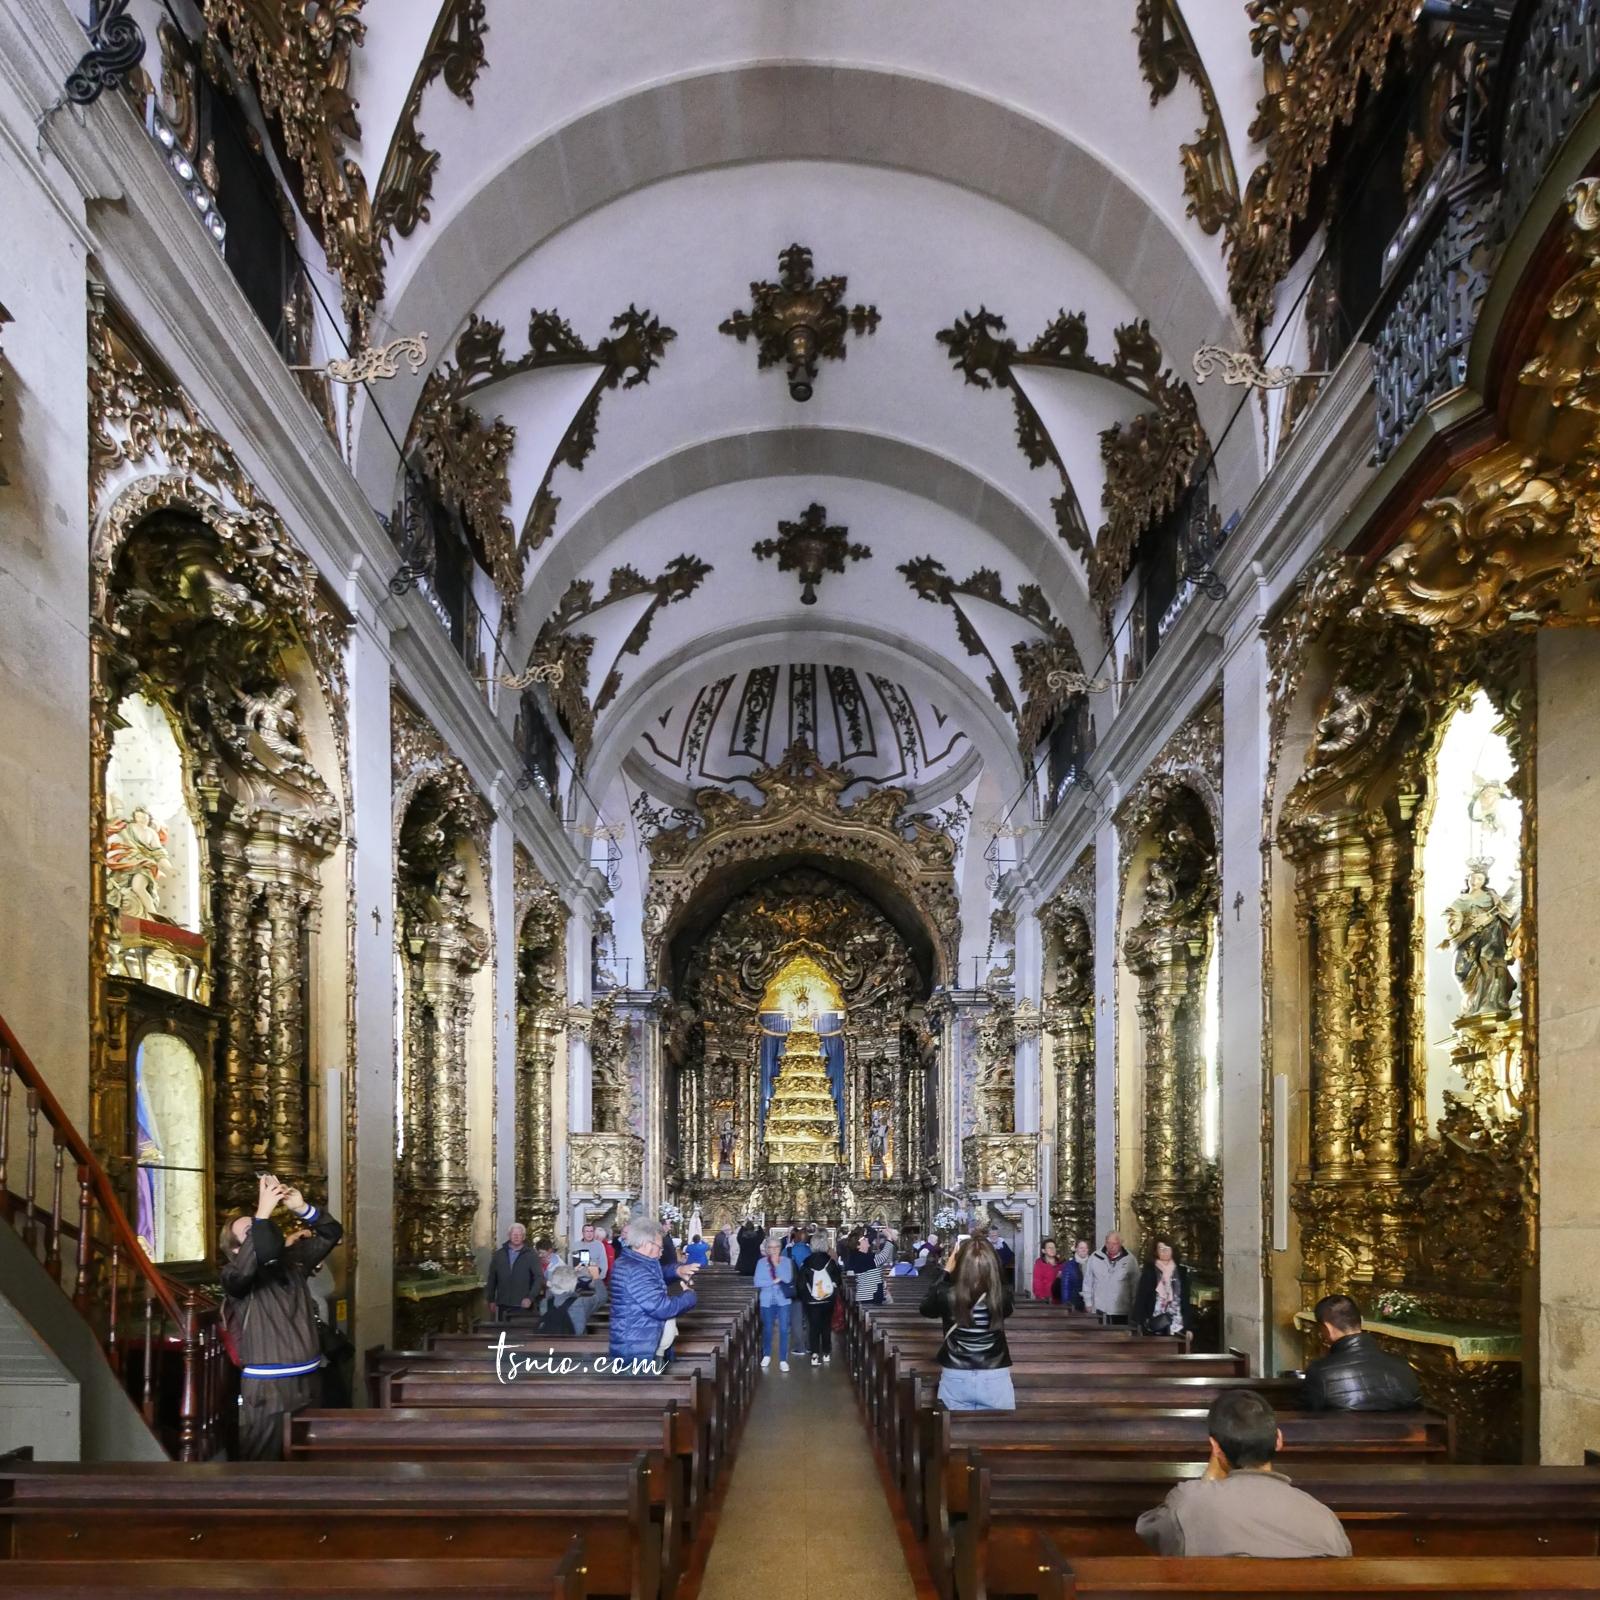 葡萄牙波多景點 Igreja do Carmo 卡爾莫教堂 洛可可式藍白磁磚立面